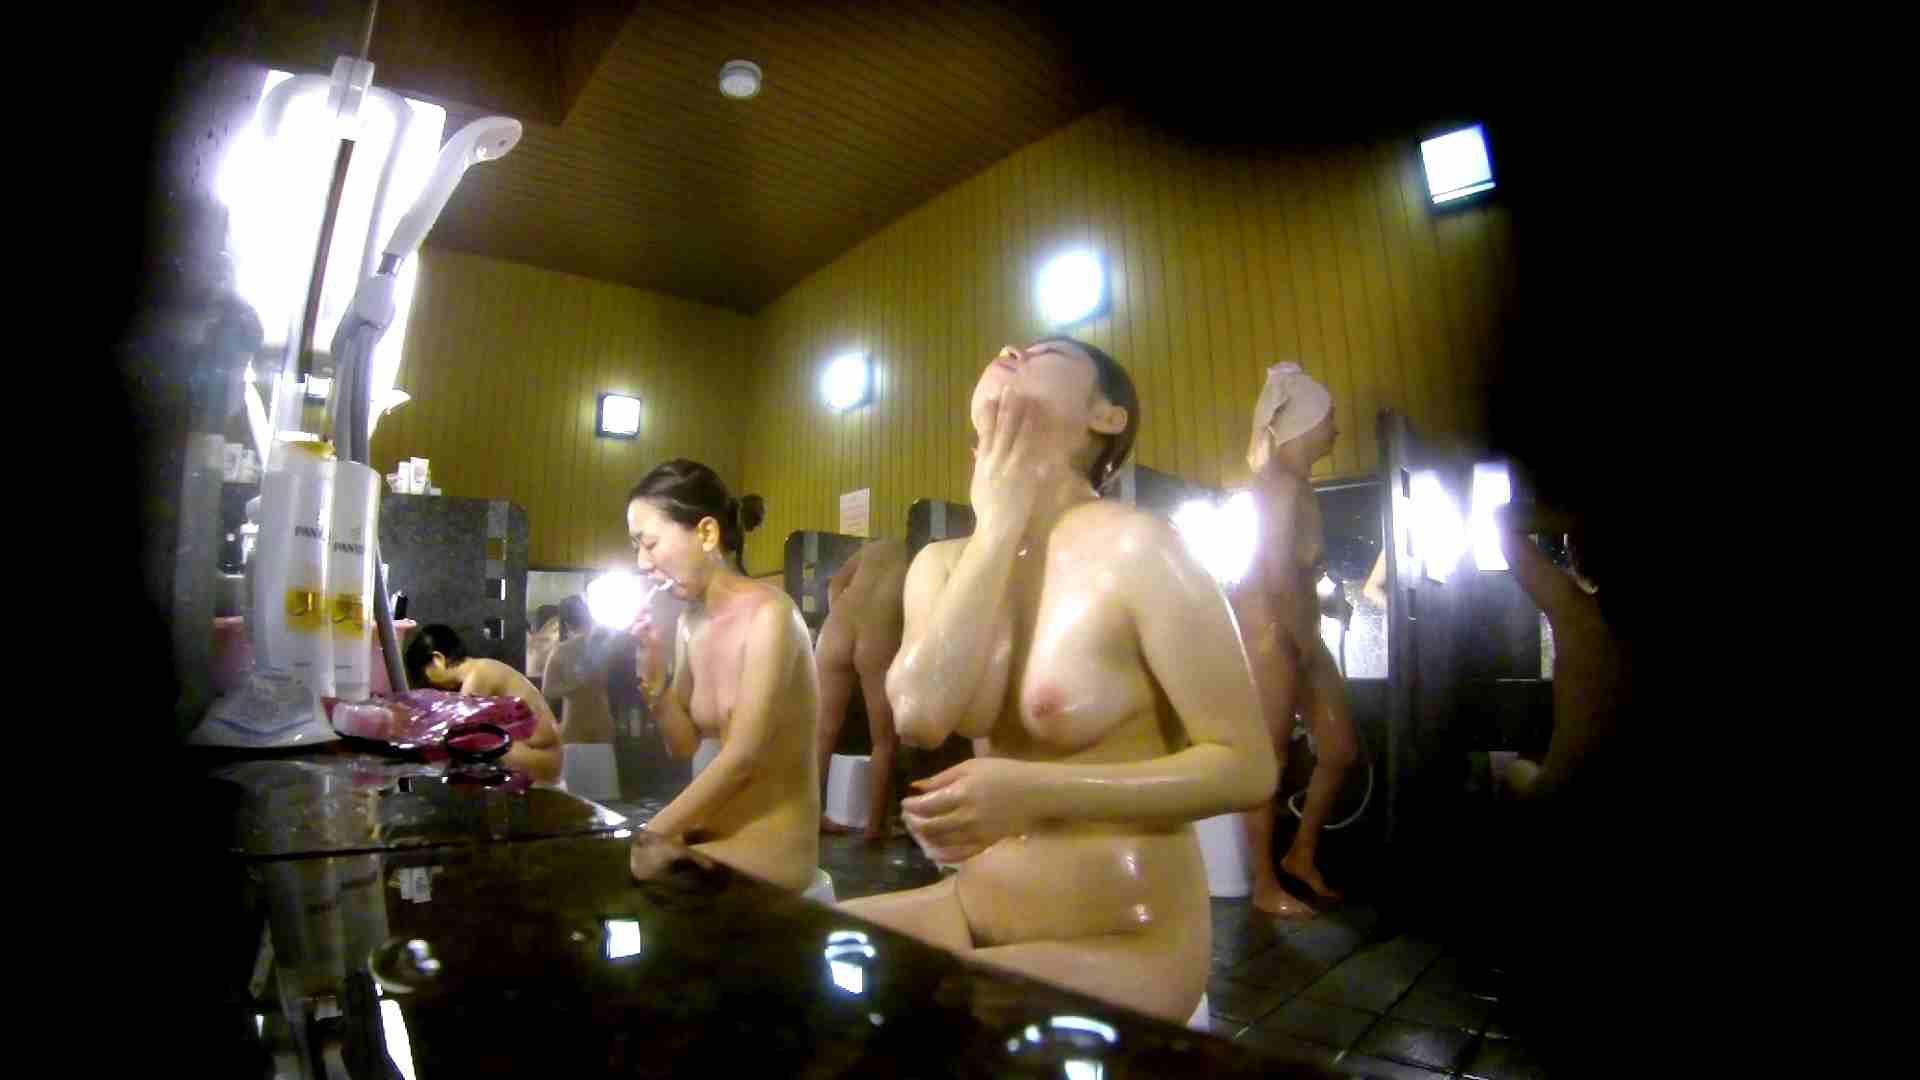 洗い場!柔らかそうな身体は良いけど、歯磨きが下品です。 銭湯特撮  39連発 18